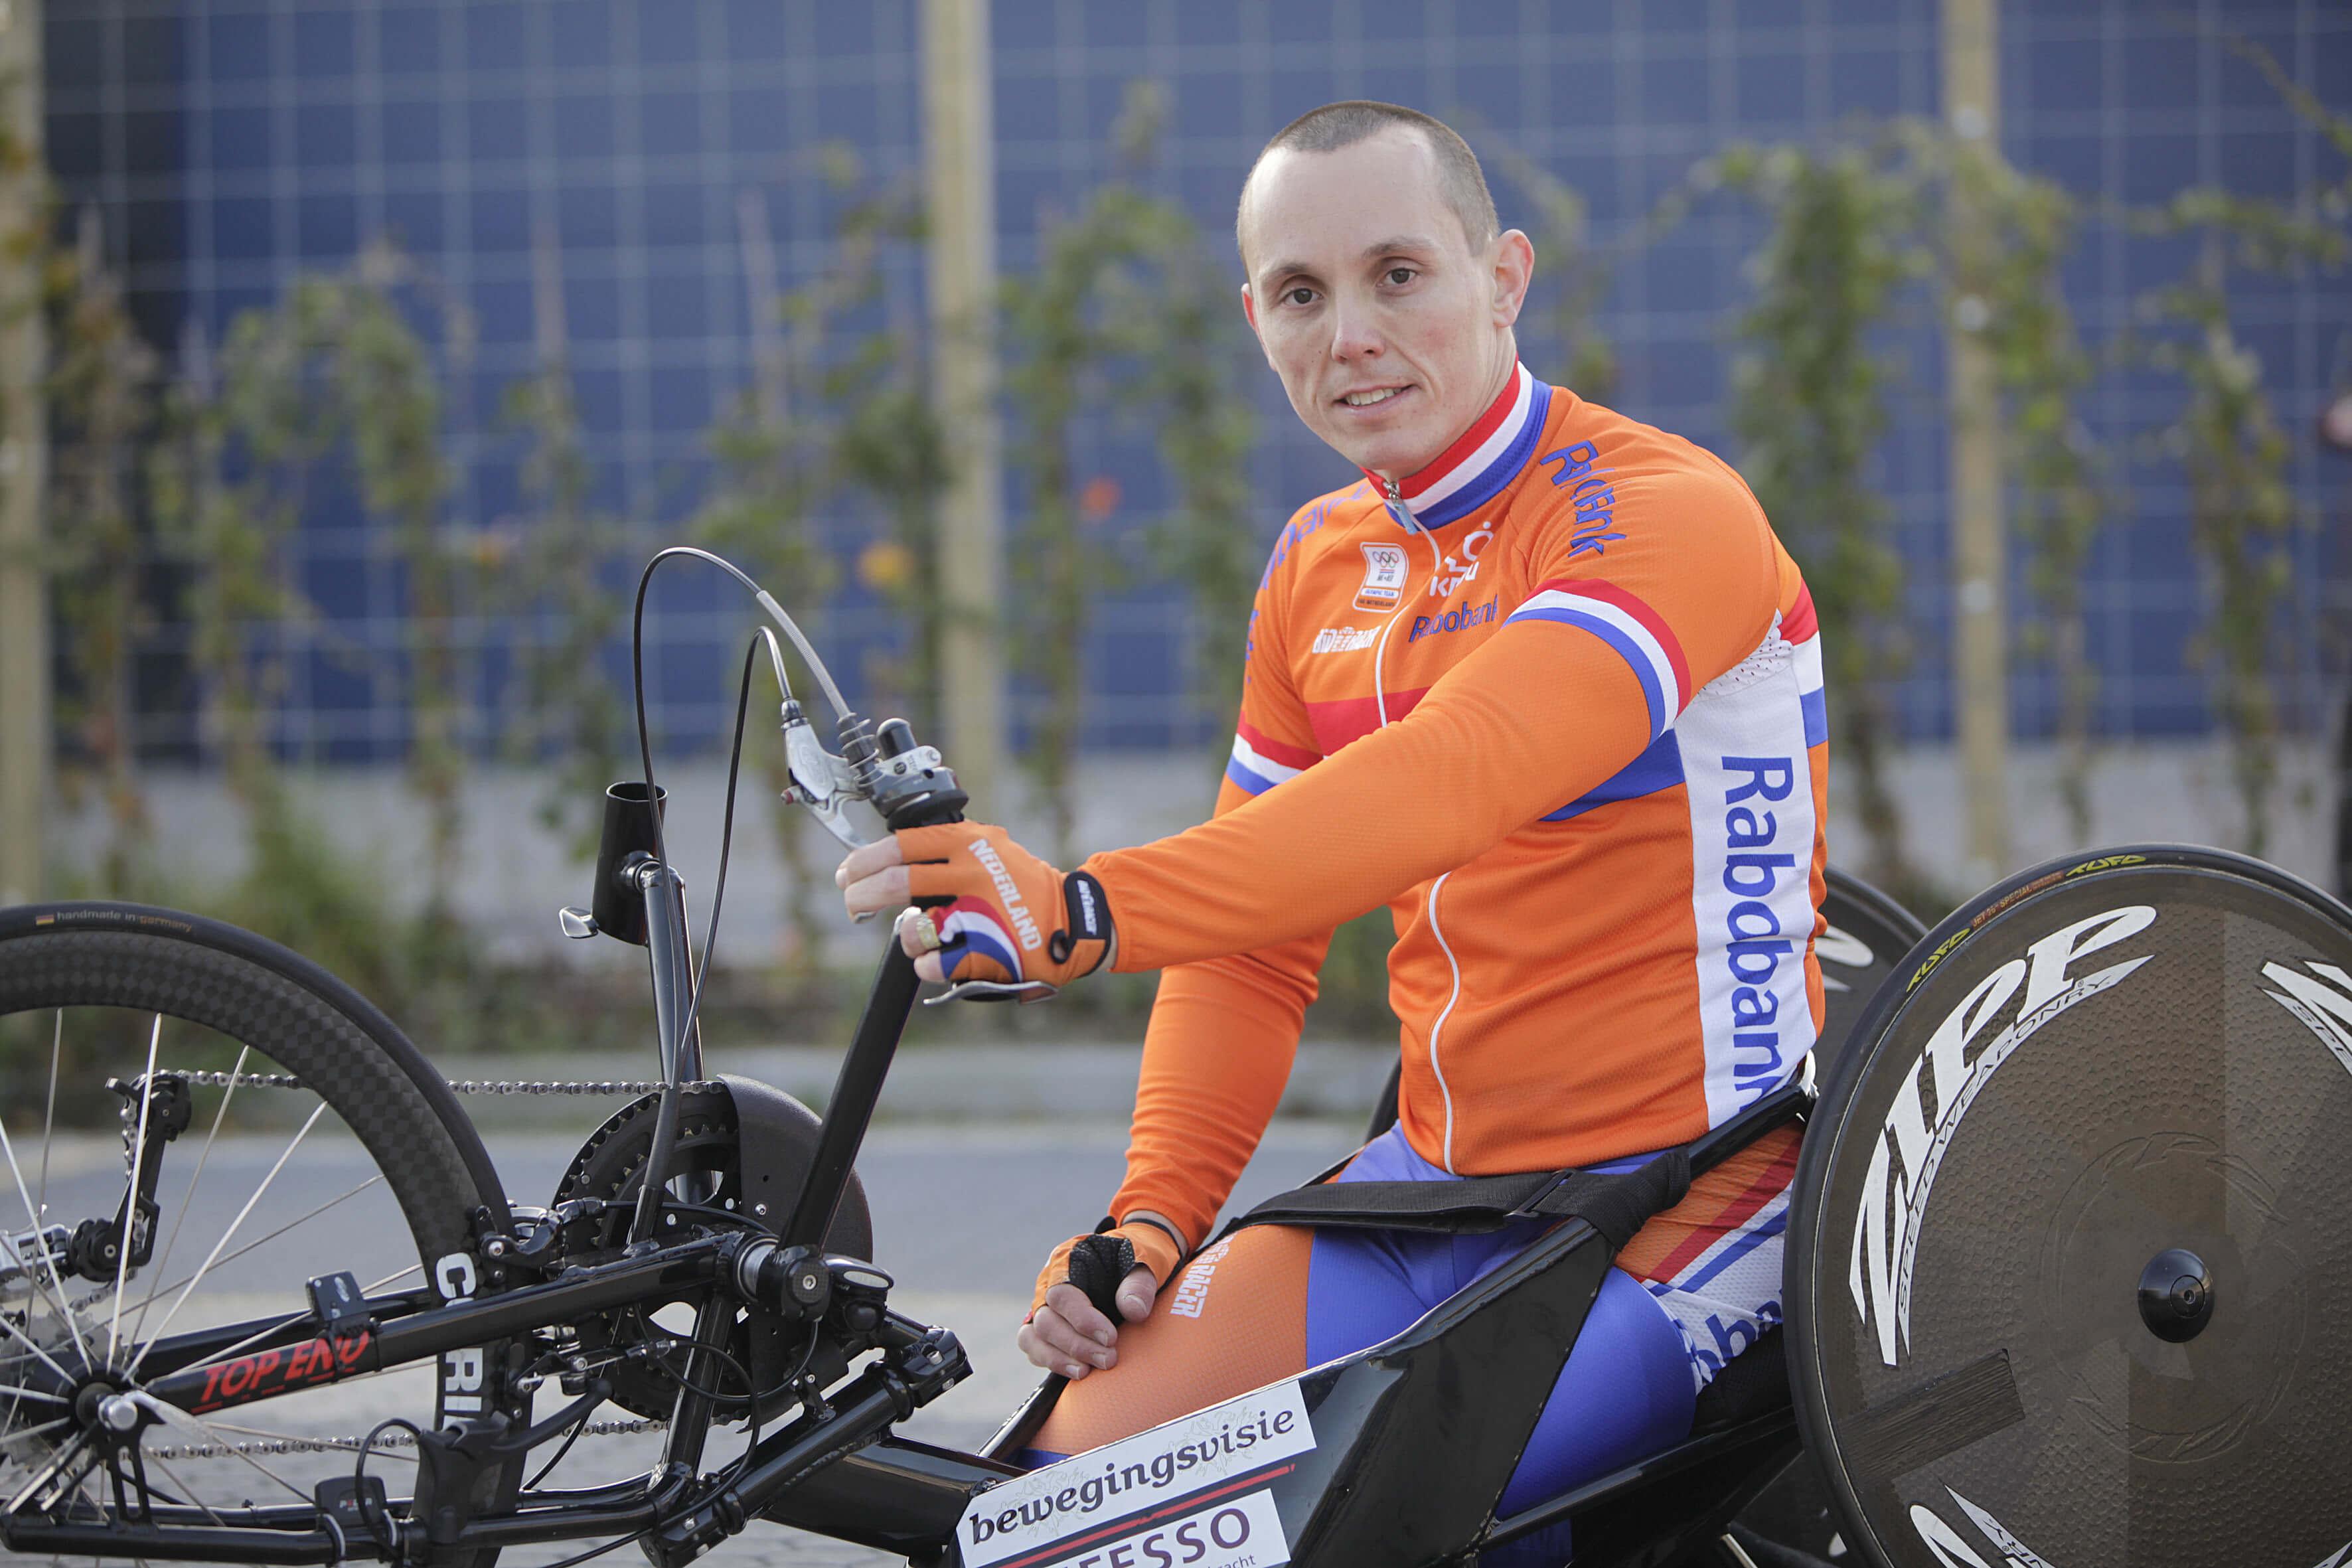 Tim de Vries - Handbiker